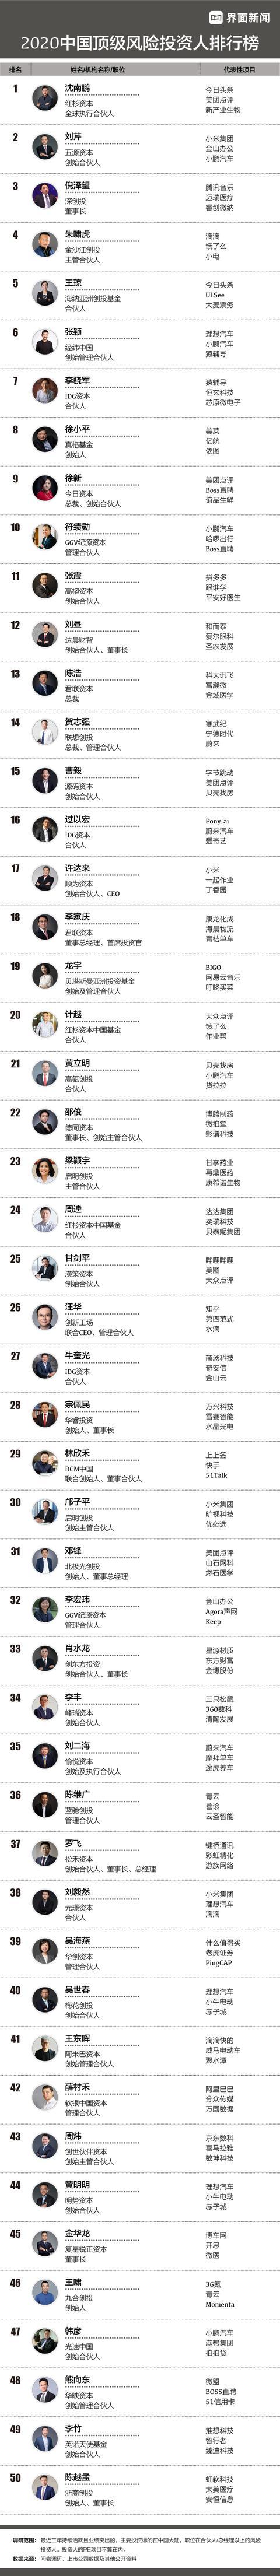 """风险投资,界面新闻""""2020中国顶级风险投资人榜单"""":沈南鹏、刘芹、倪泽望领衔前三"""